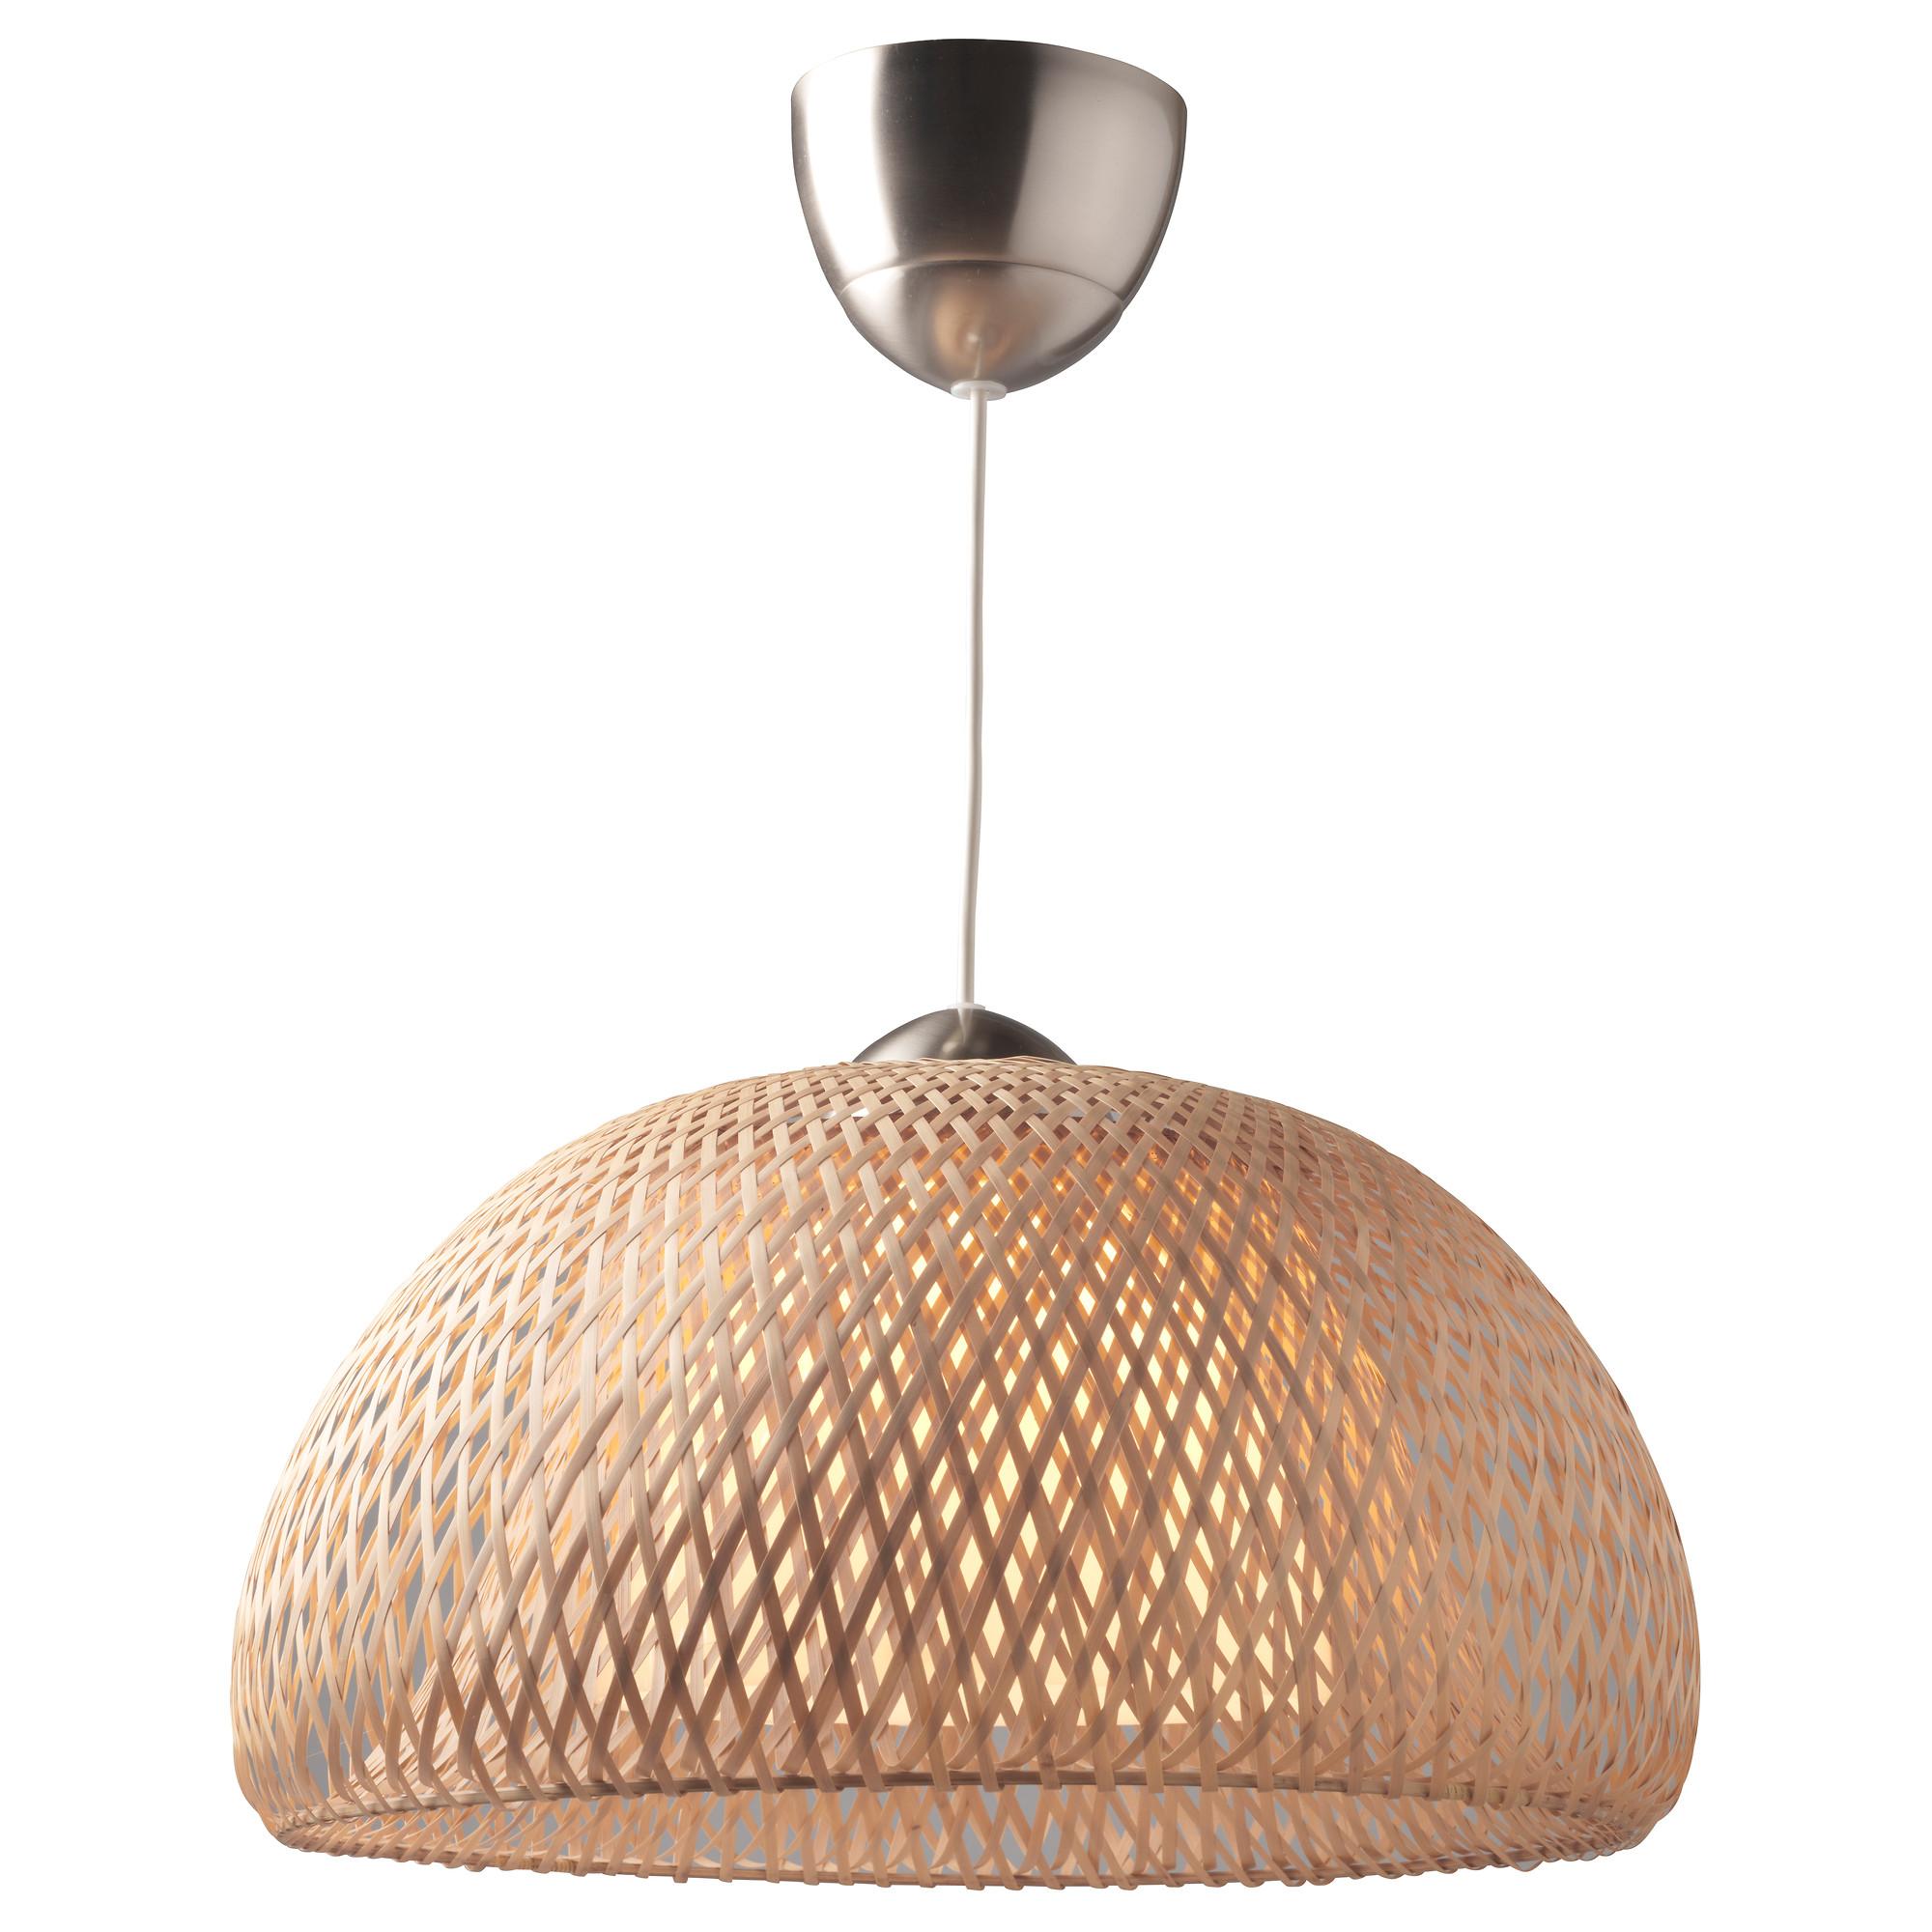 ceiling lamp böja pendant lamp, bamboo rattan max.: 60 w diameter: 17  VQNFNBQ